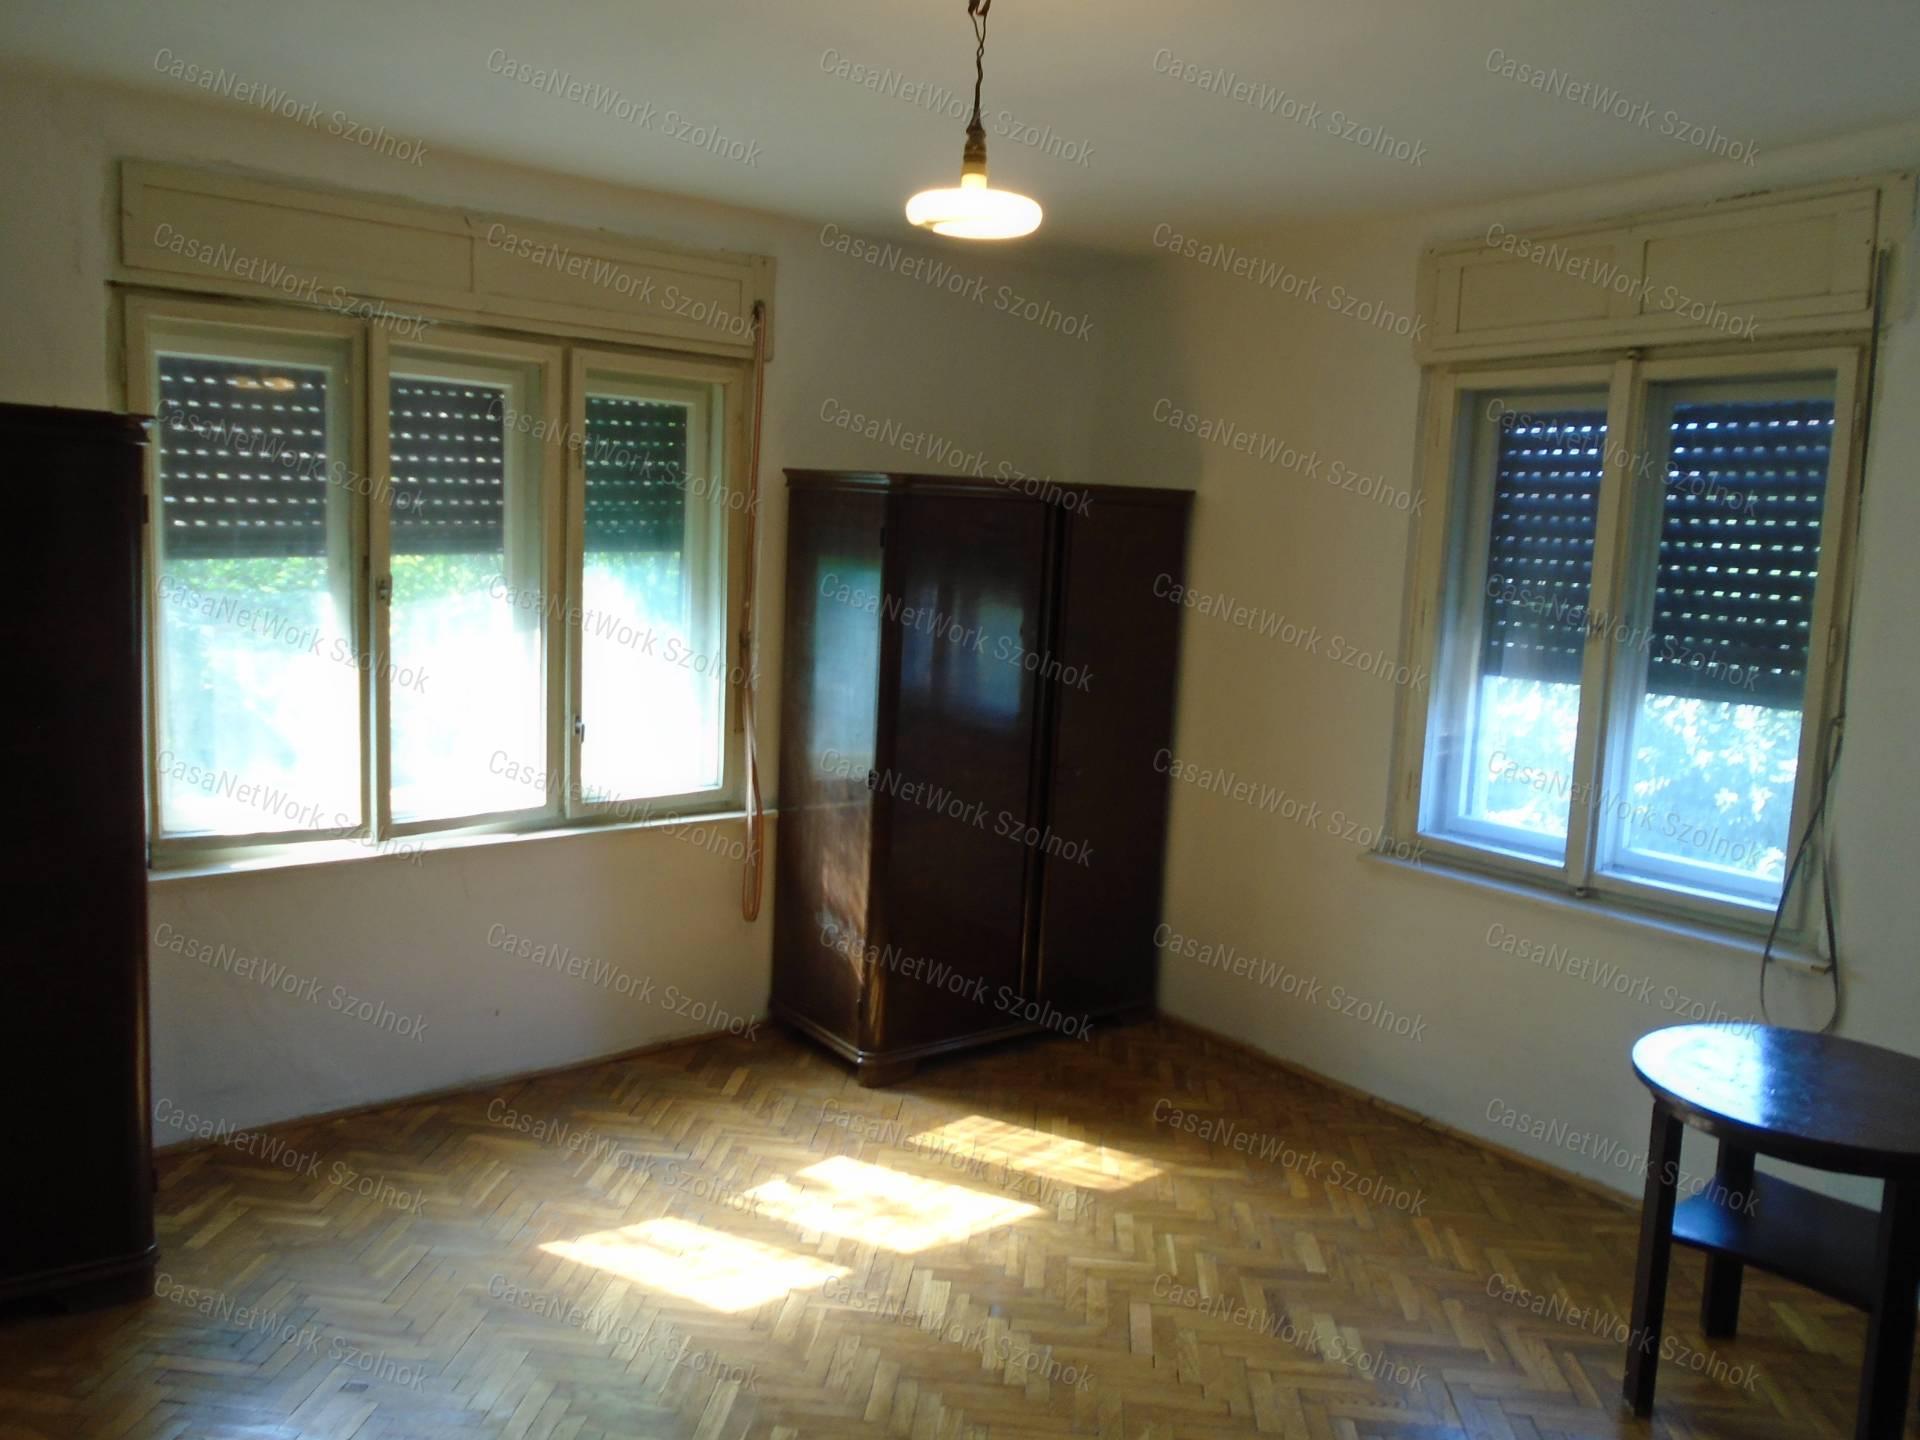 Eladó családi ház, Jász-Nagykun-Szolnok megye, Szolnok (Pletykafalu) - sz.: 155802985 - CasaNetWork.hu